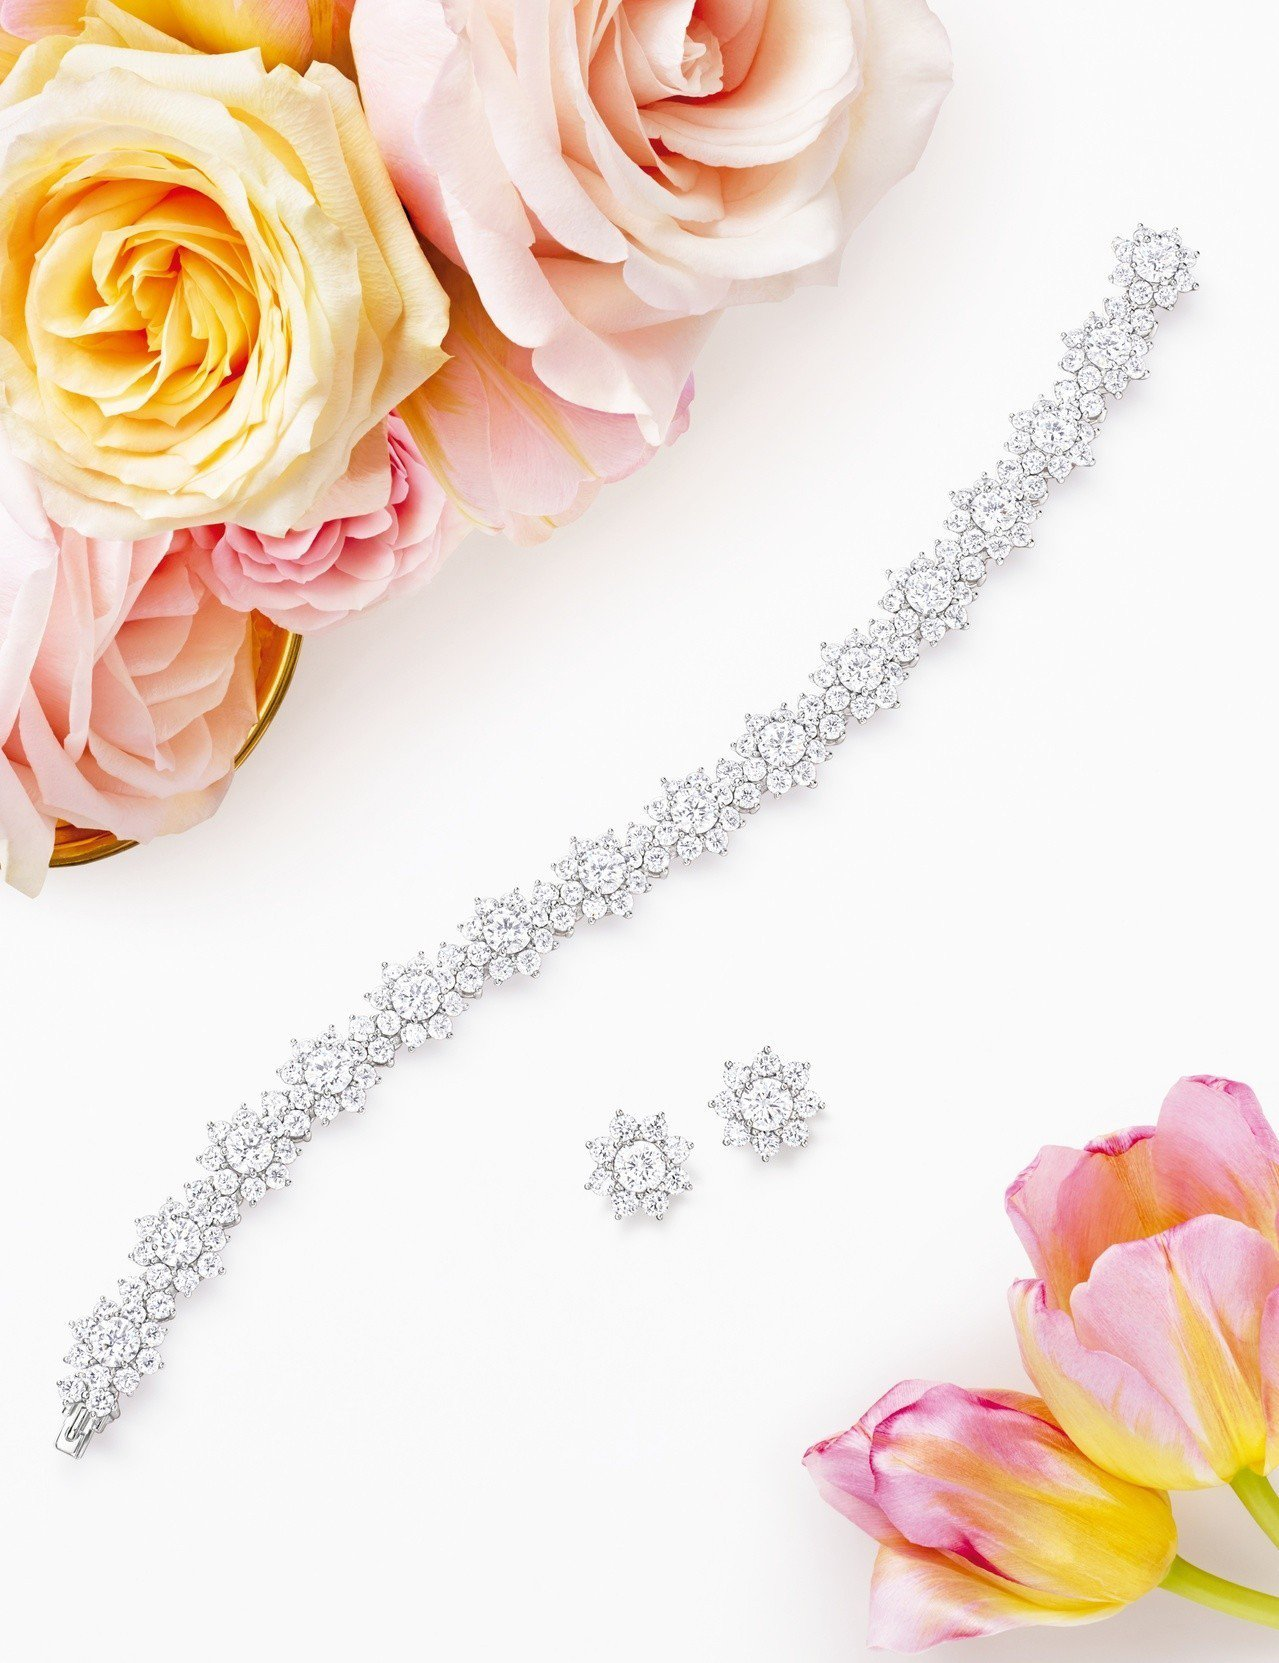 海瑞溫斯頓 Sunflower鑽石手鍊及耳環。圖/Harry Winston提供